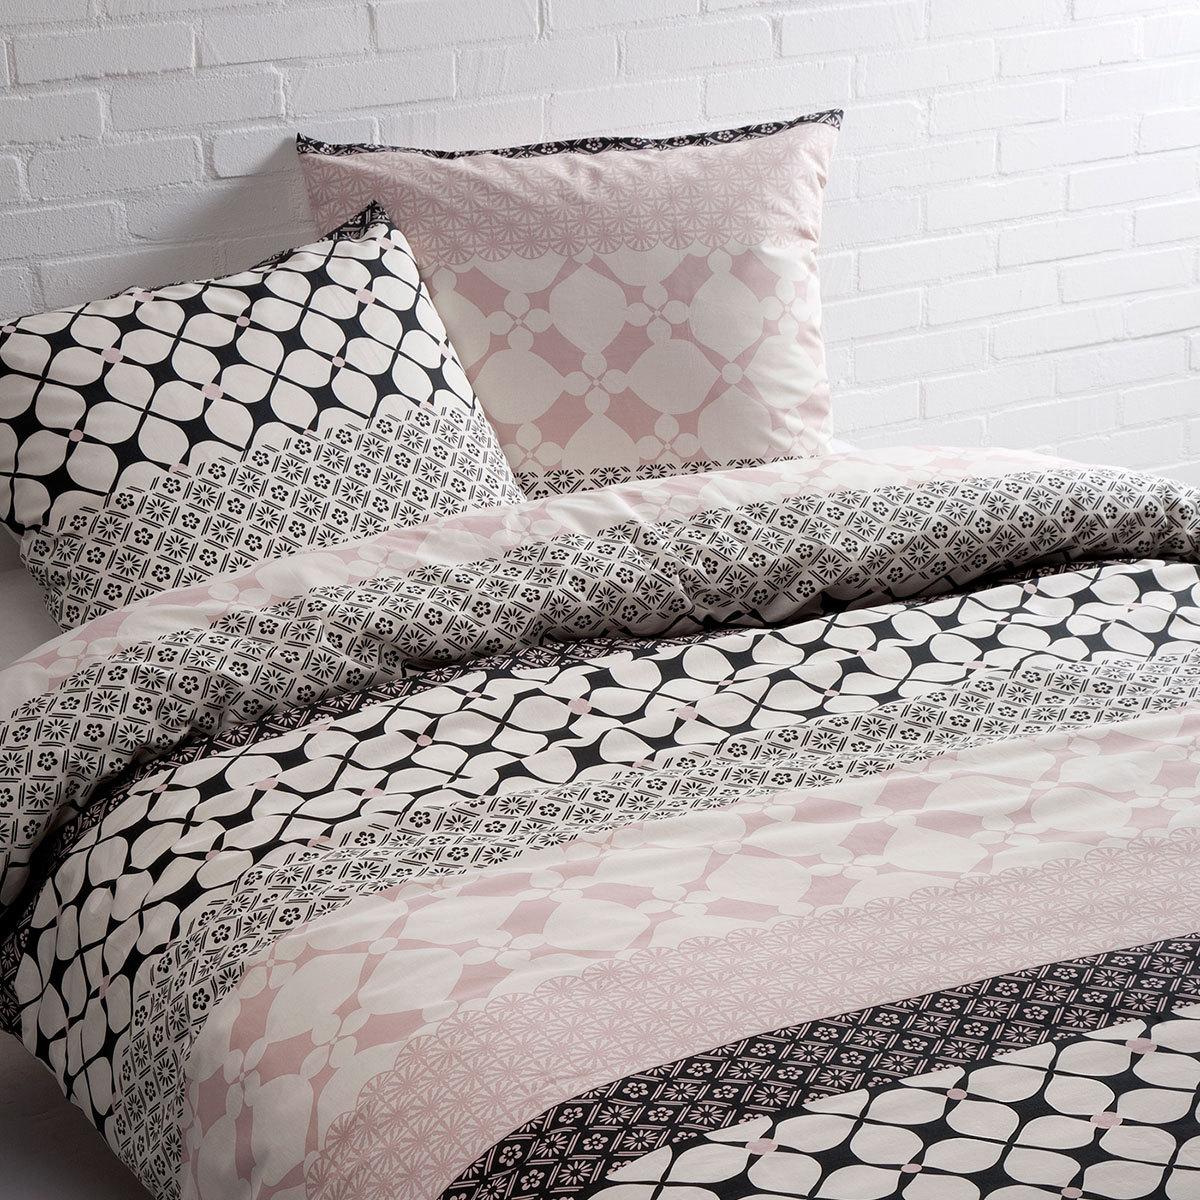 traumschlaf renforc bettw sche aida g nstig online kaufen bei bettwaren shop. Black Bedroom Furniture Sets. Home Design Ideas